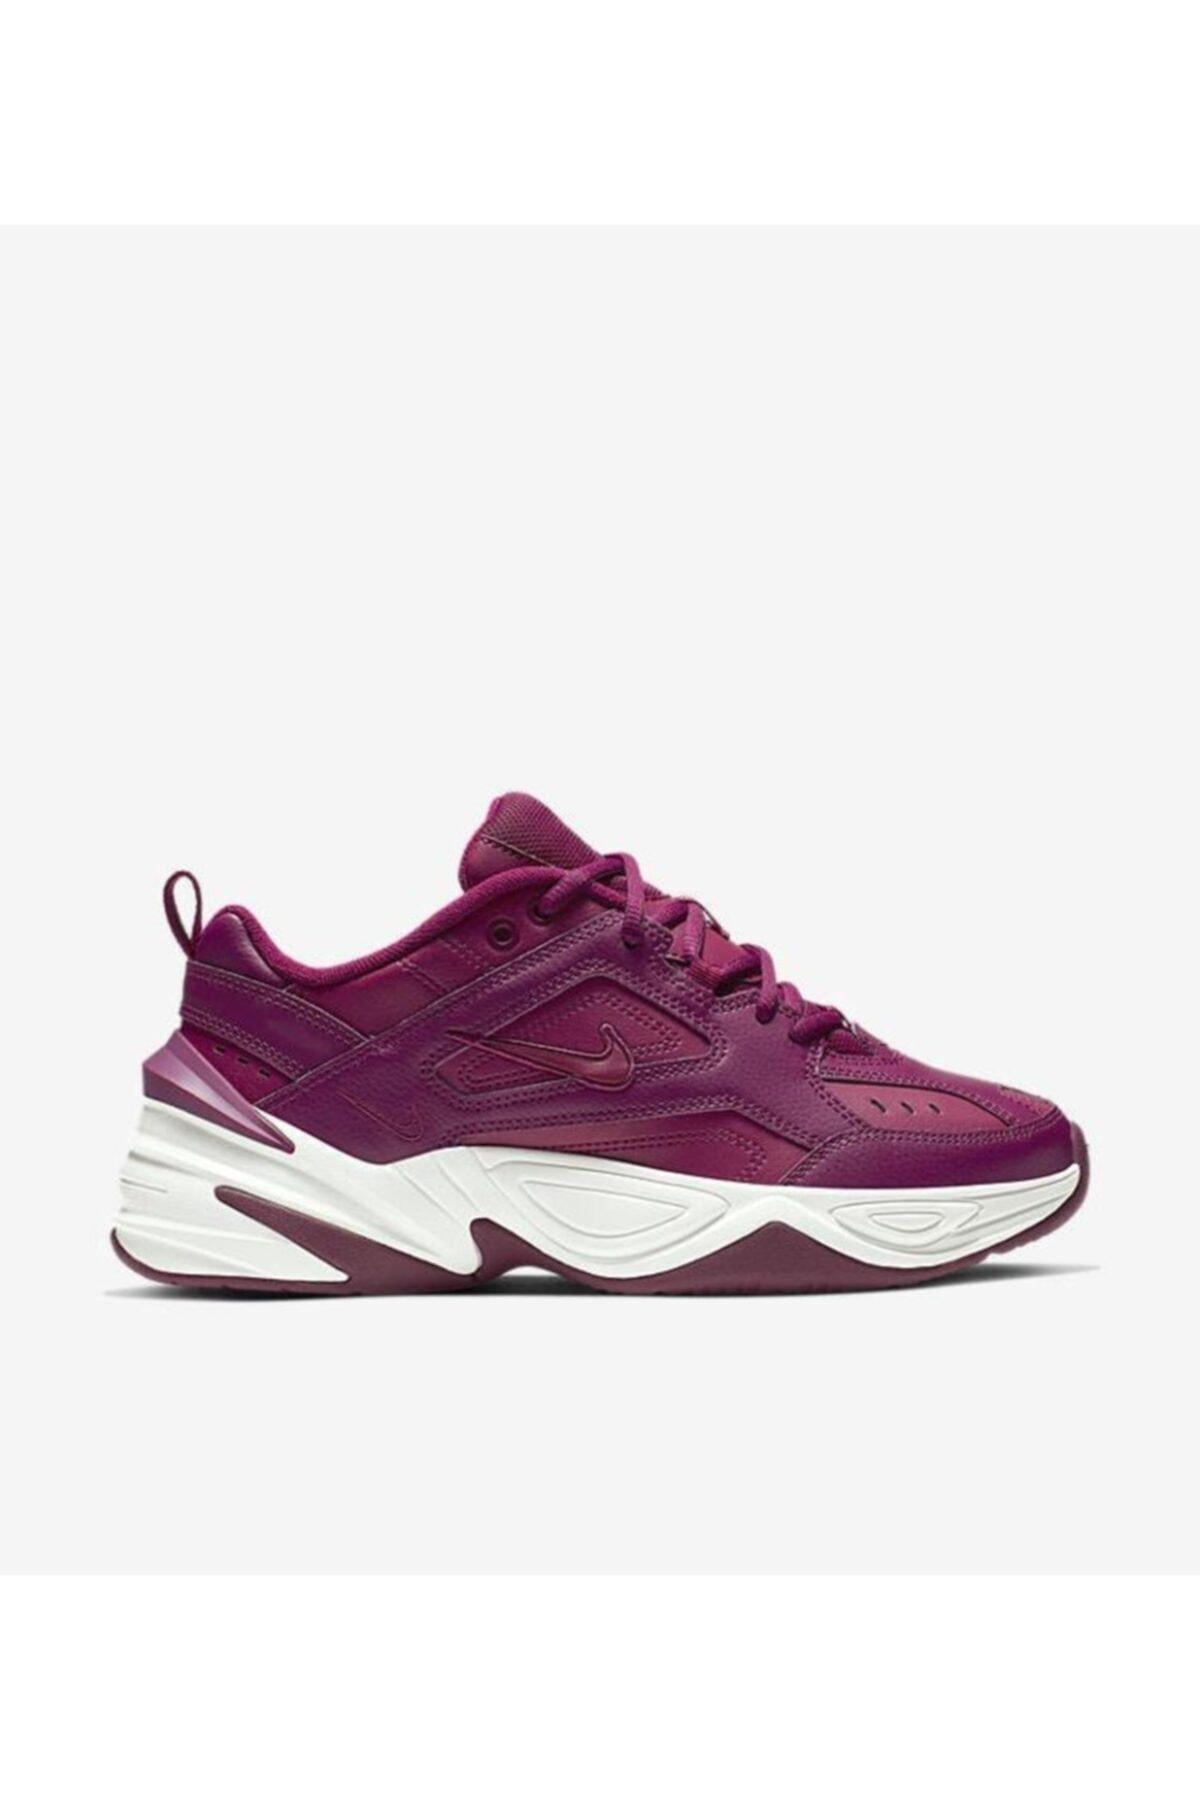 Nike M2k Tekno Ao3108-601 Kadın Spor Ayakkabısı 1